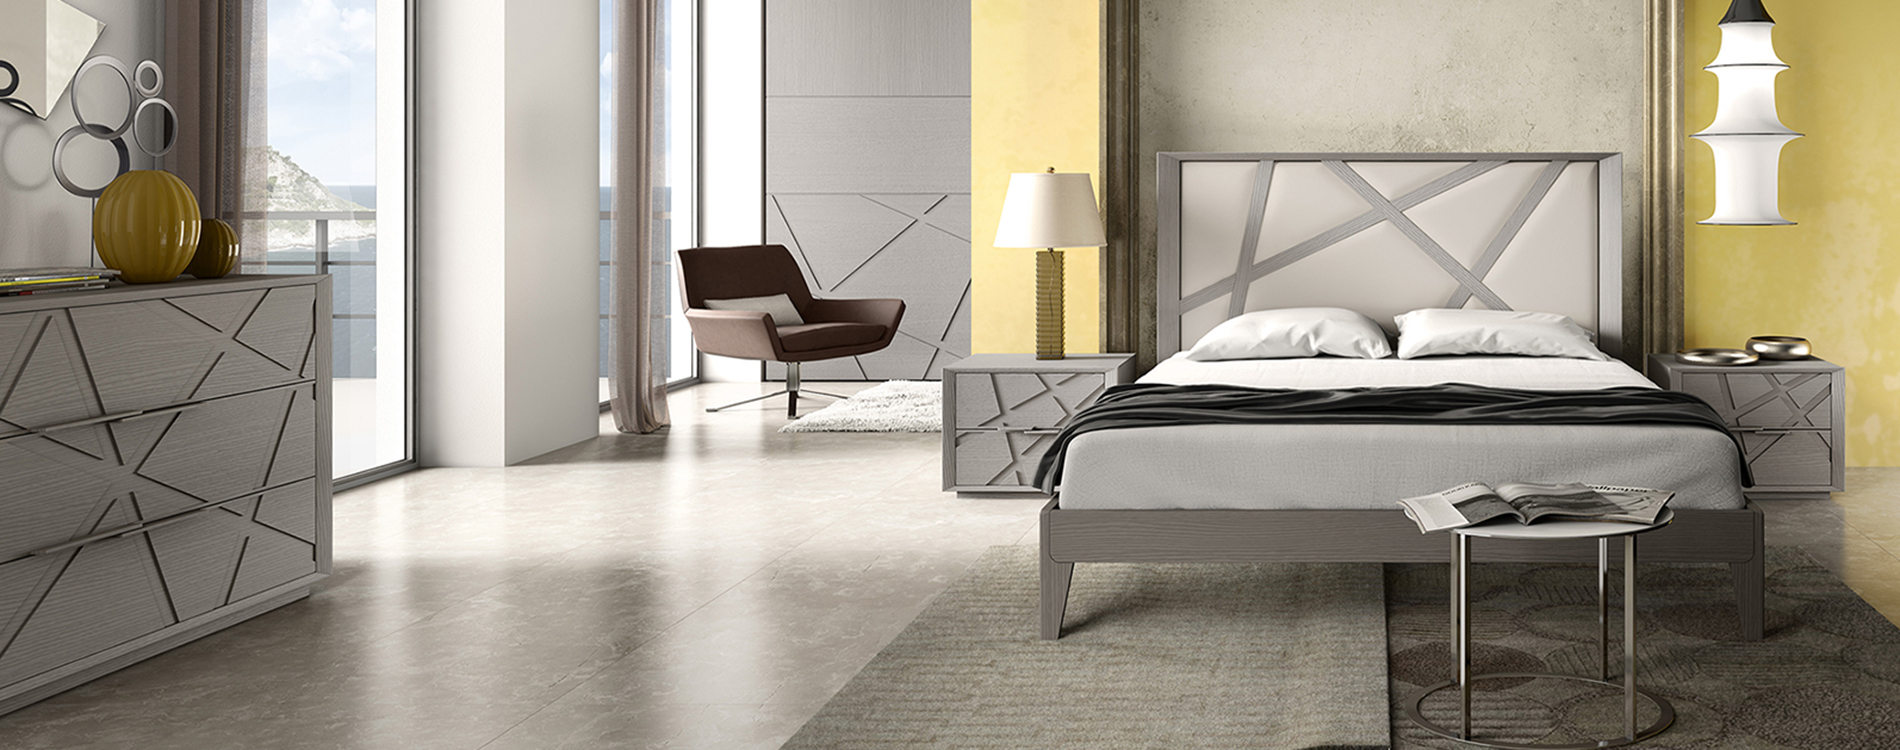 Mobili convenienza marcon: mobili moderni camera da letto ...